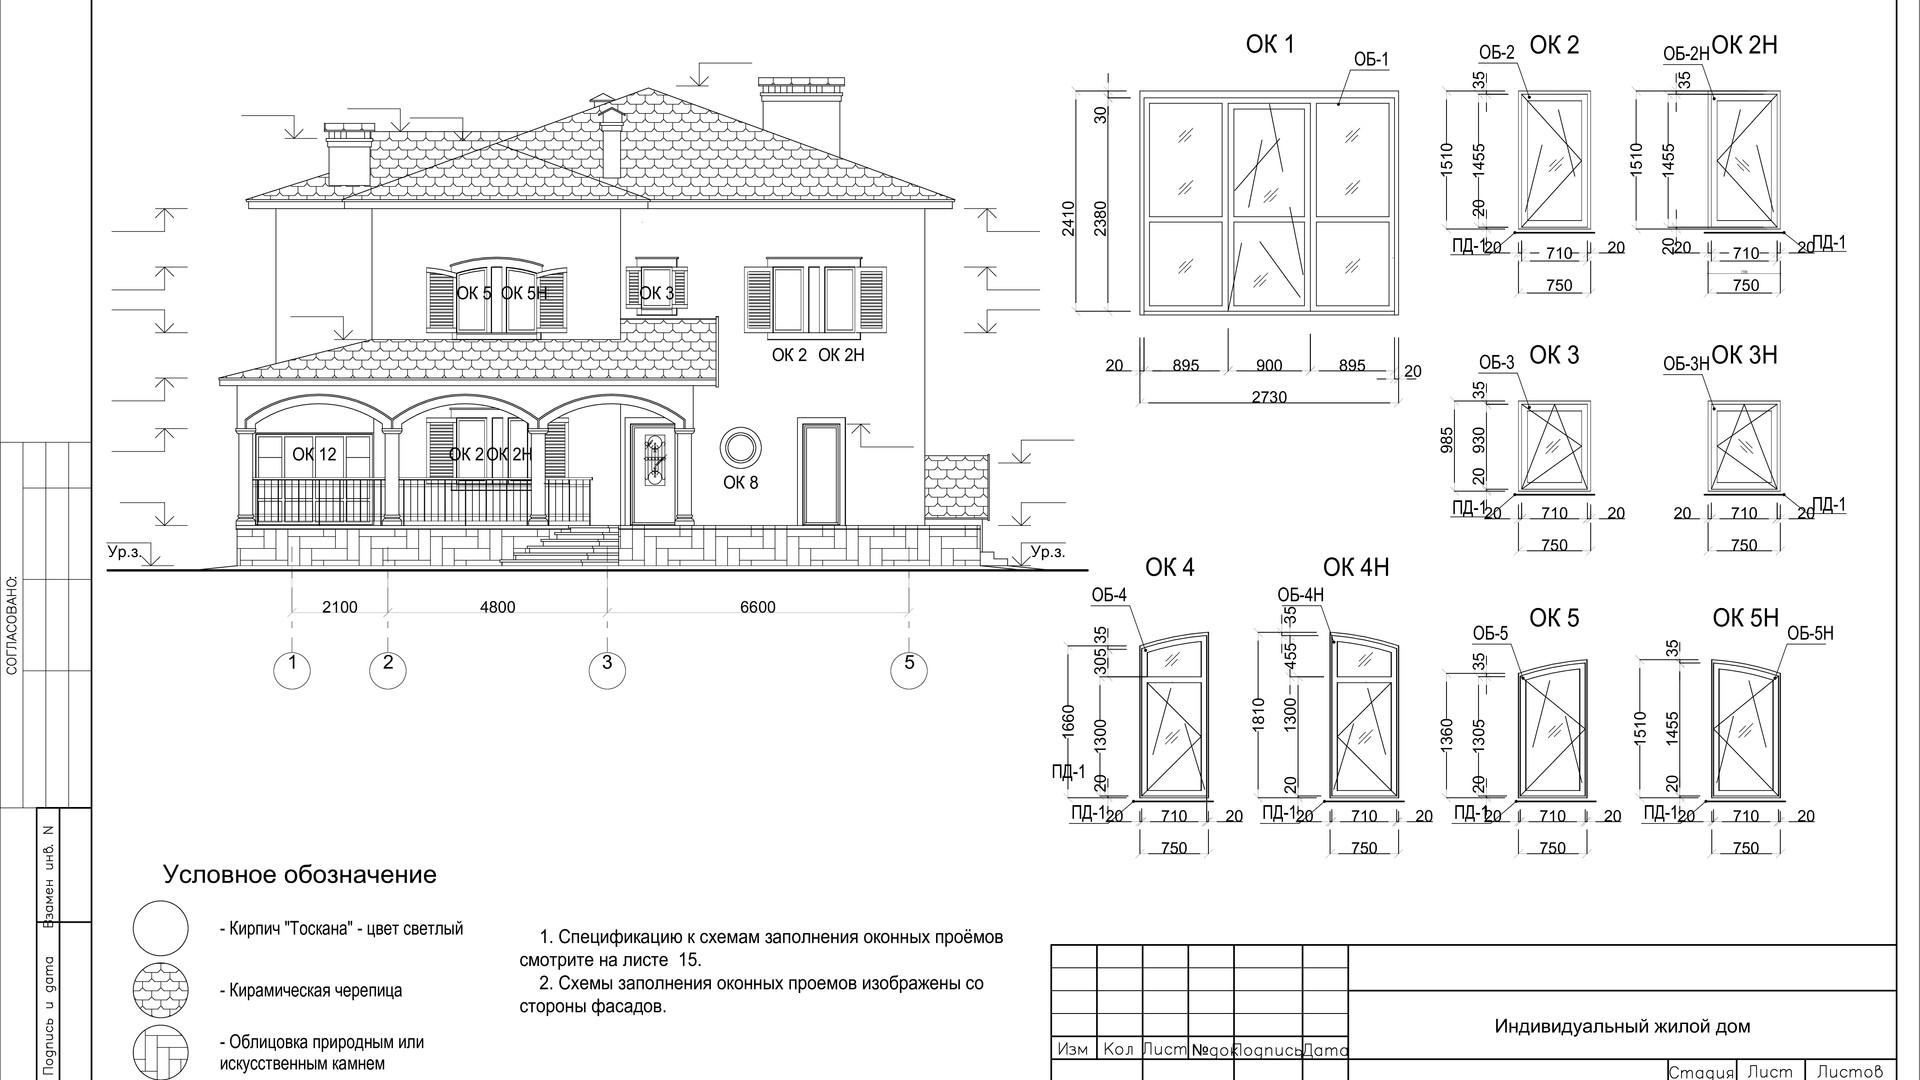 1. Фасад 1_А2 (pdf.io)_исходные данные.j